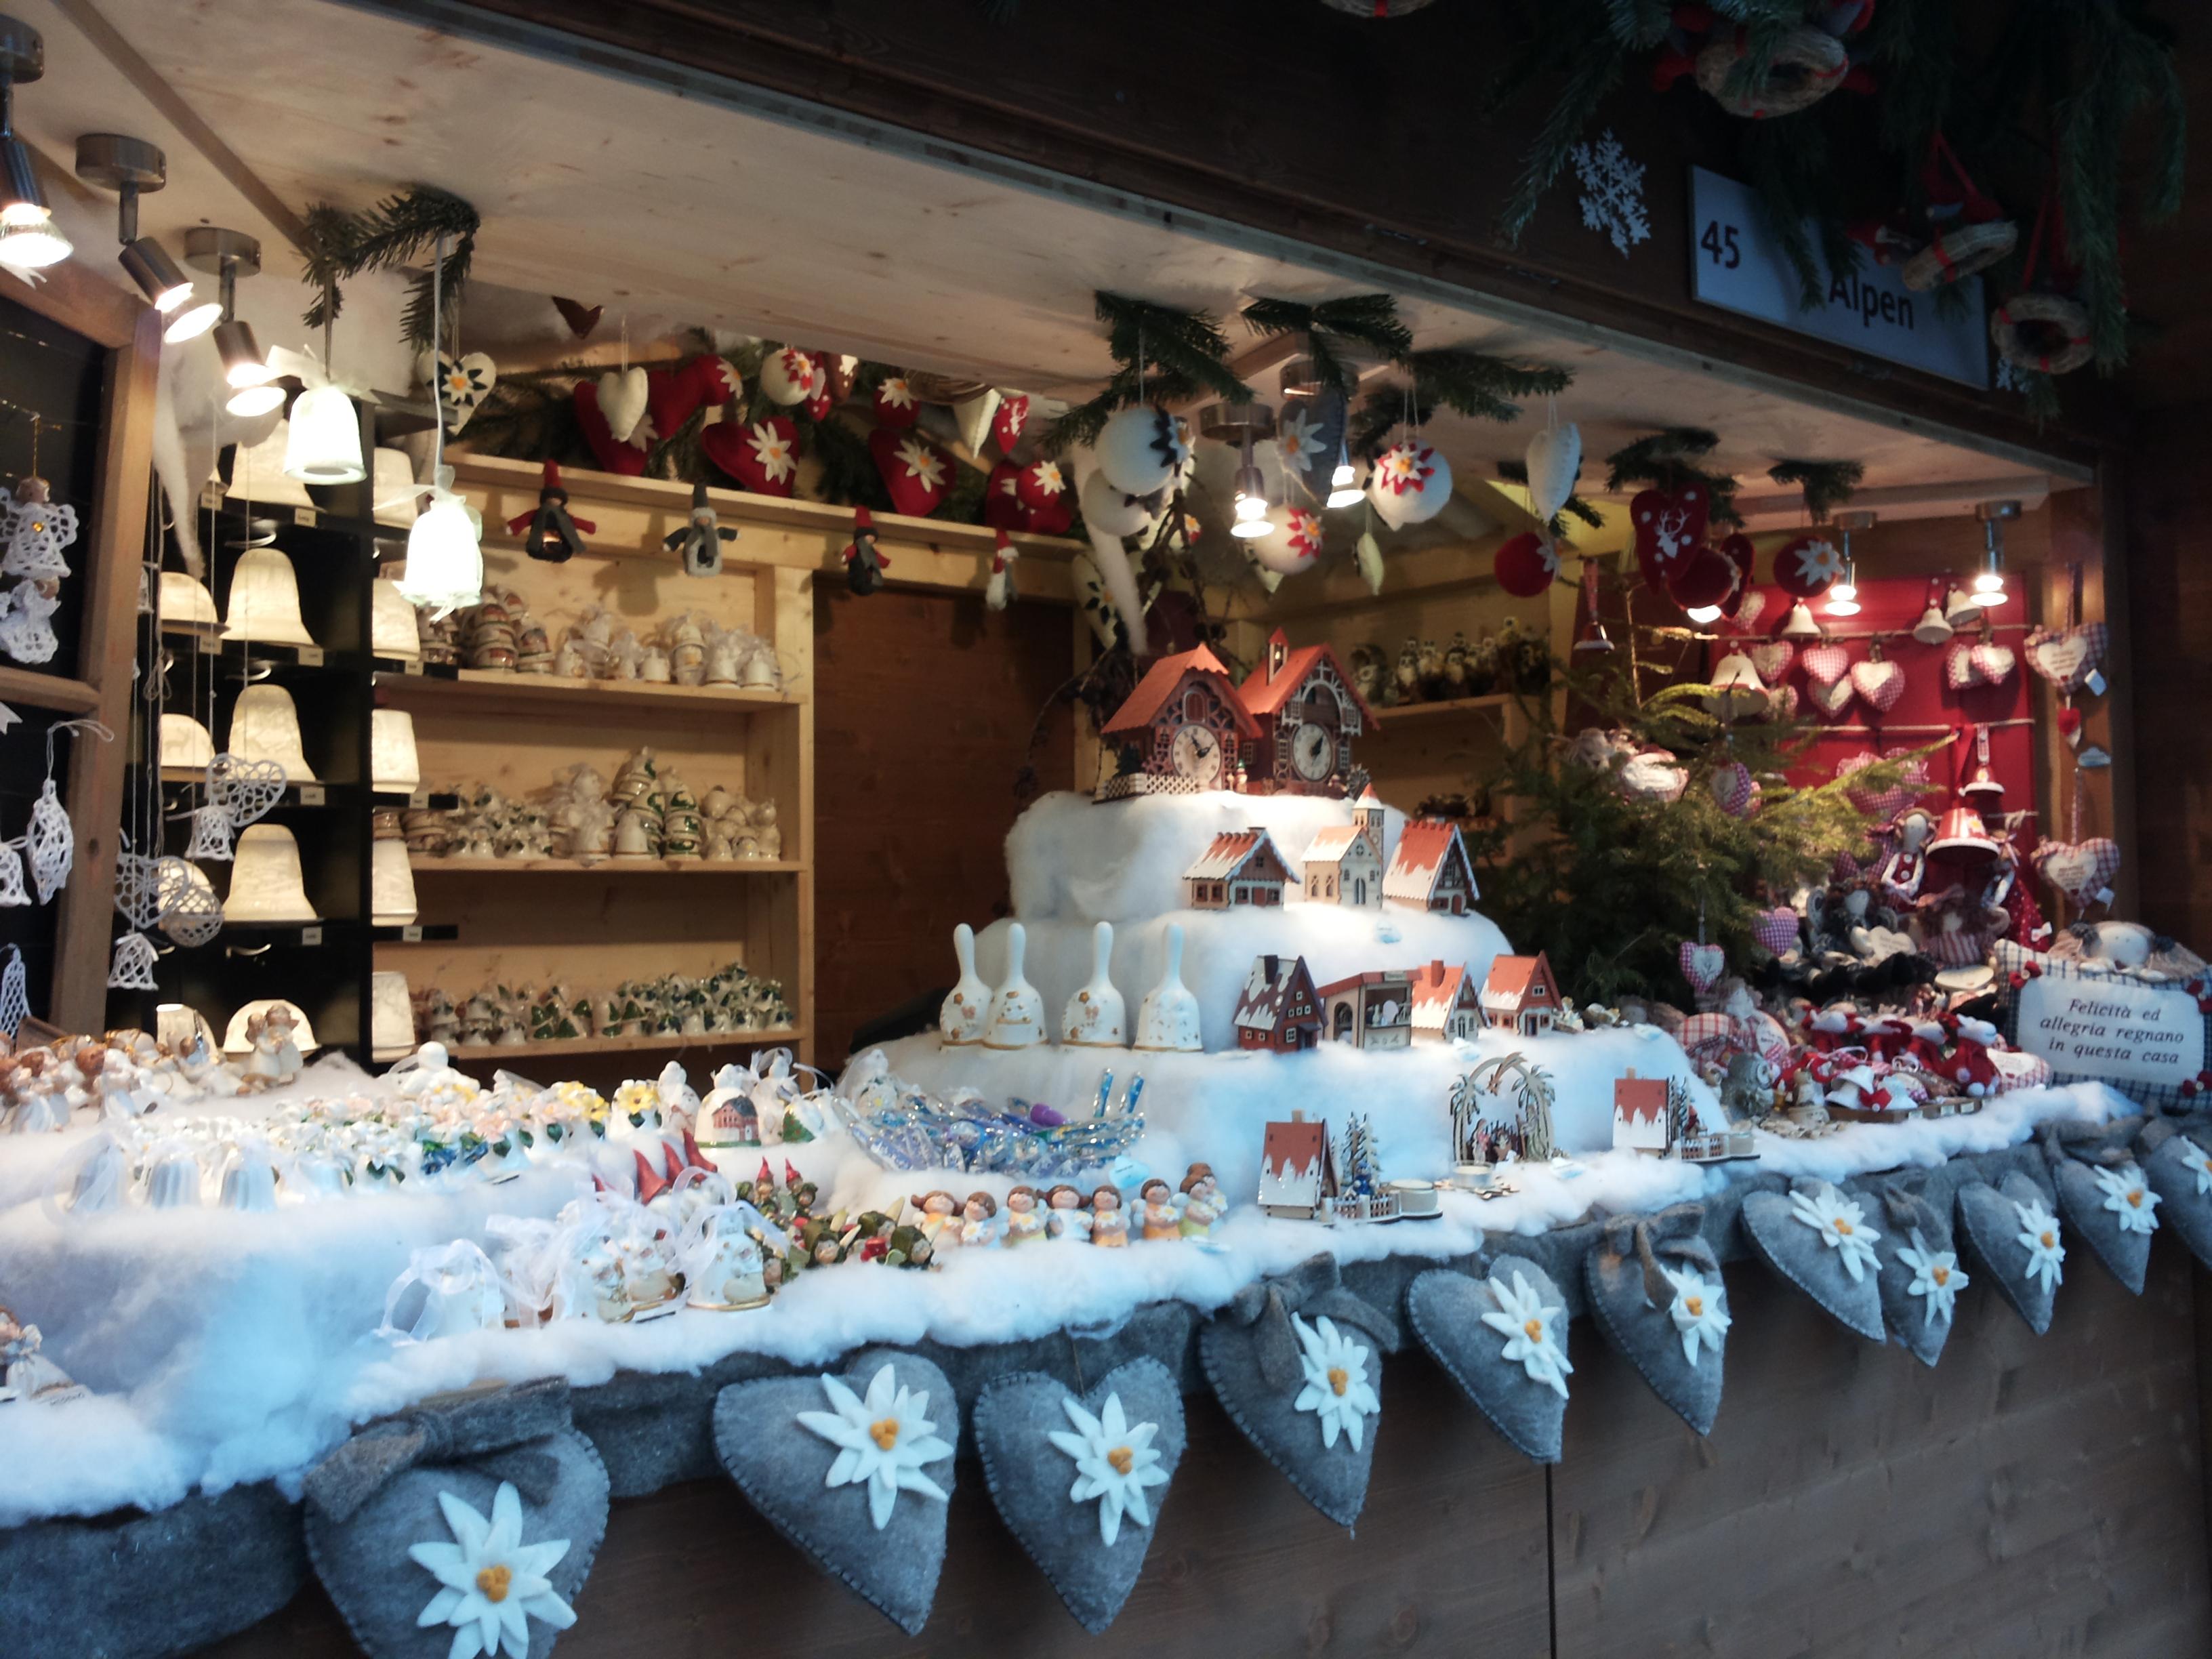 Mercatini di Natale: quali visitare? I 5 consigli di ilAlby